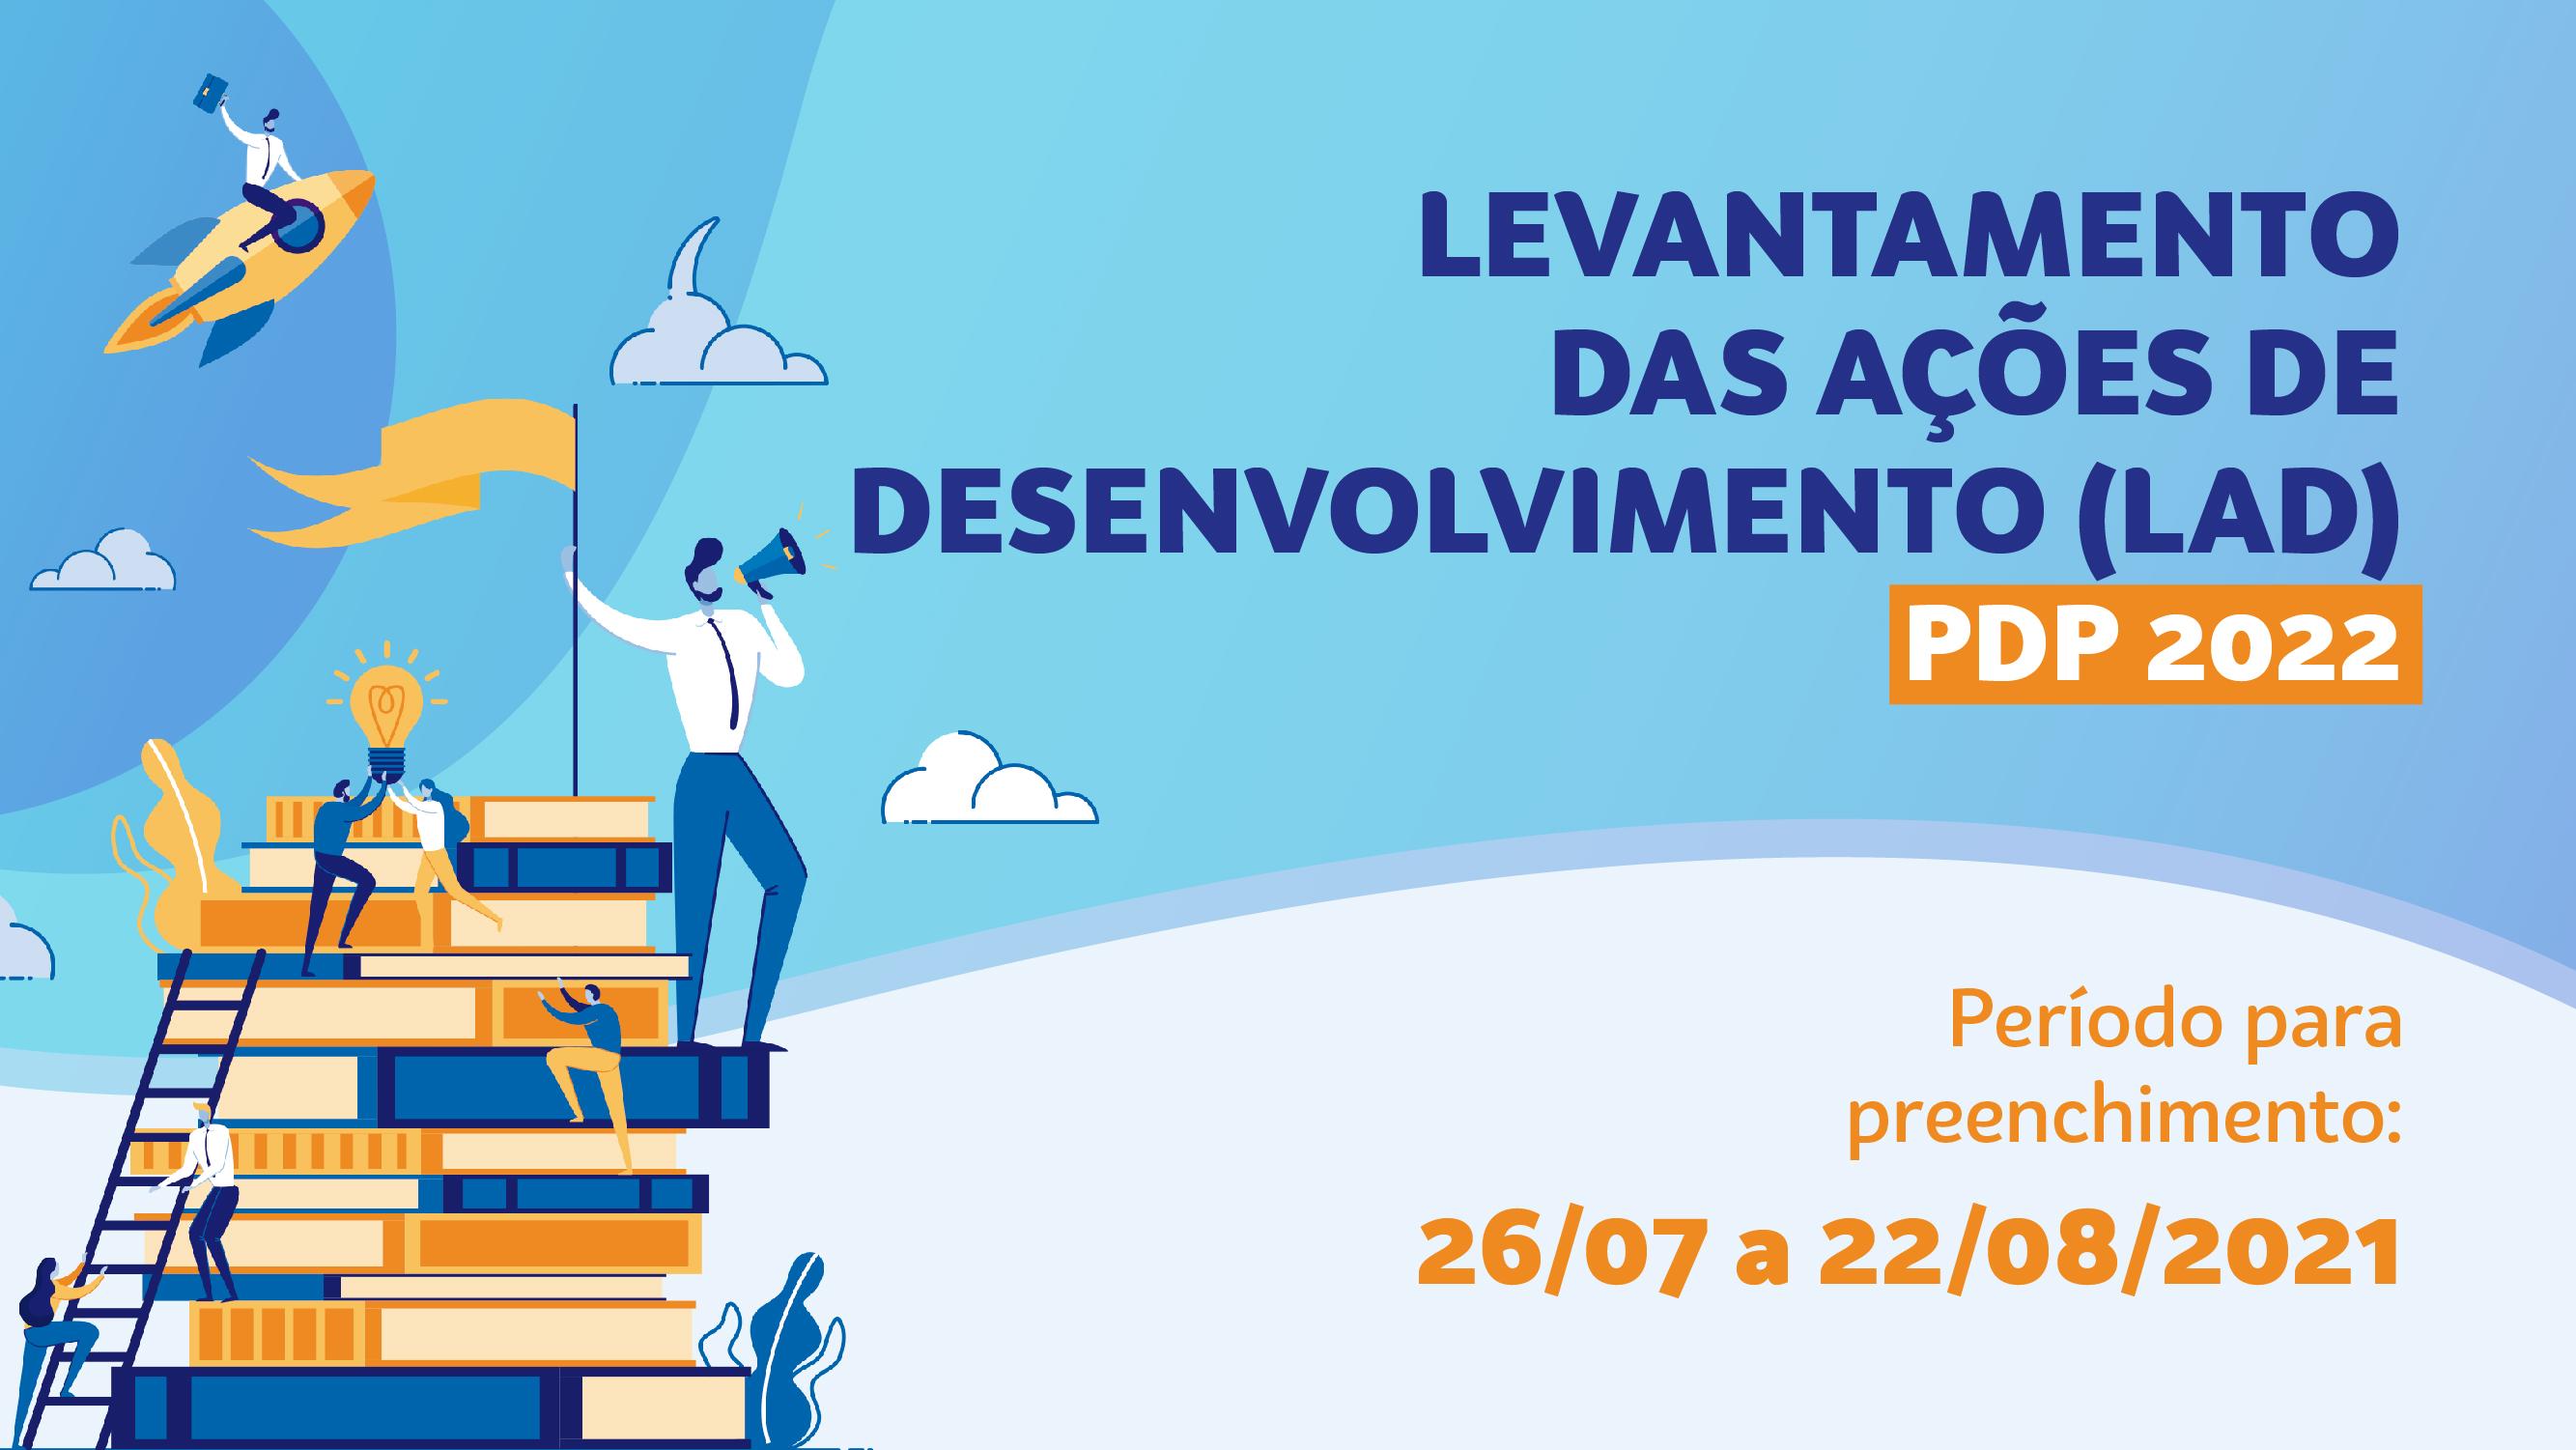 SAIU! Levantamento das Ações de Desenvolvimento (LAD) 2022